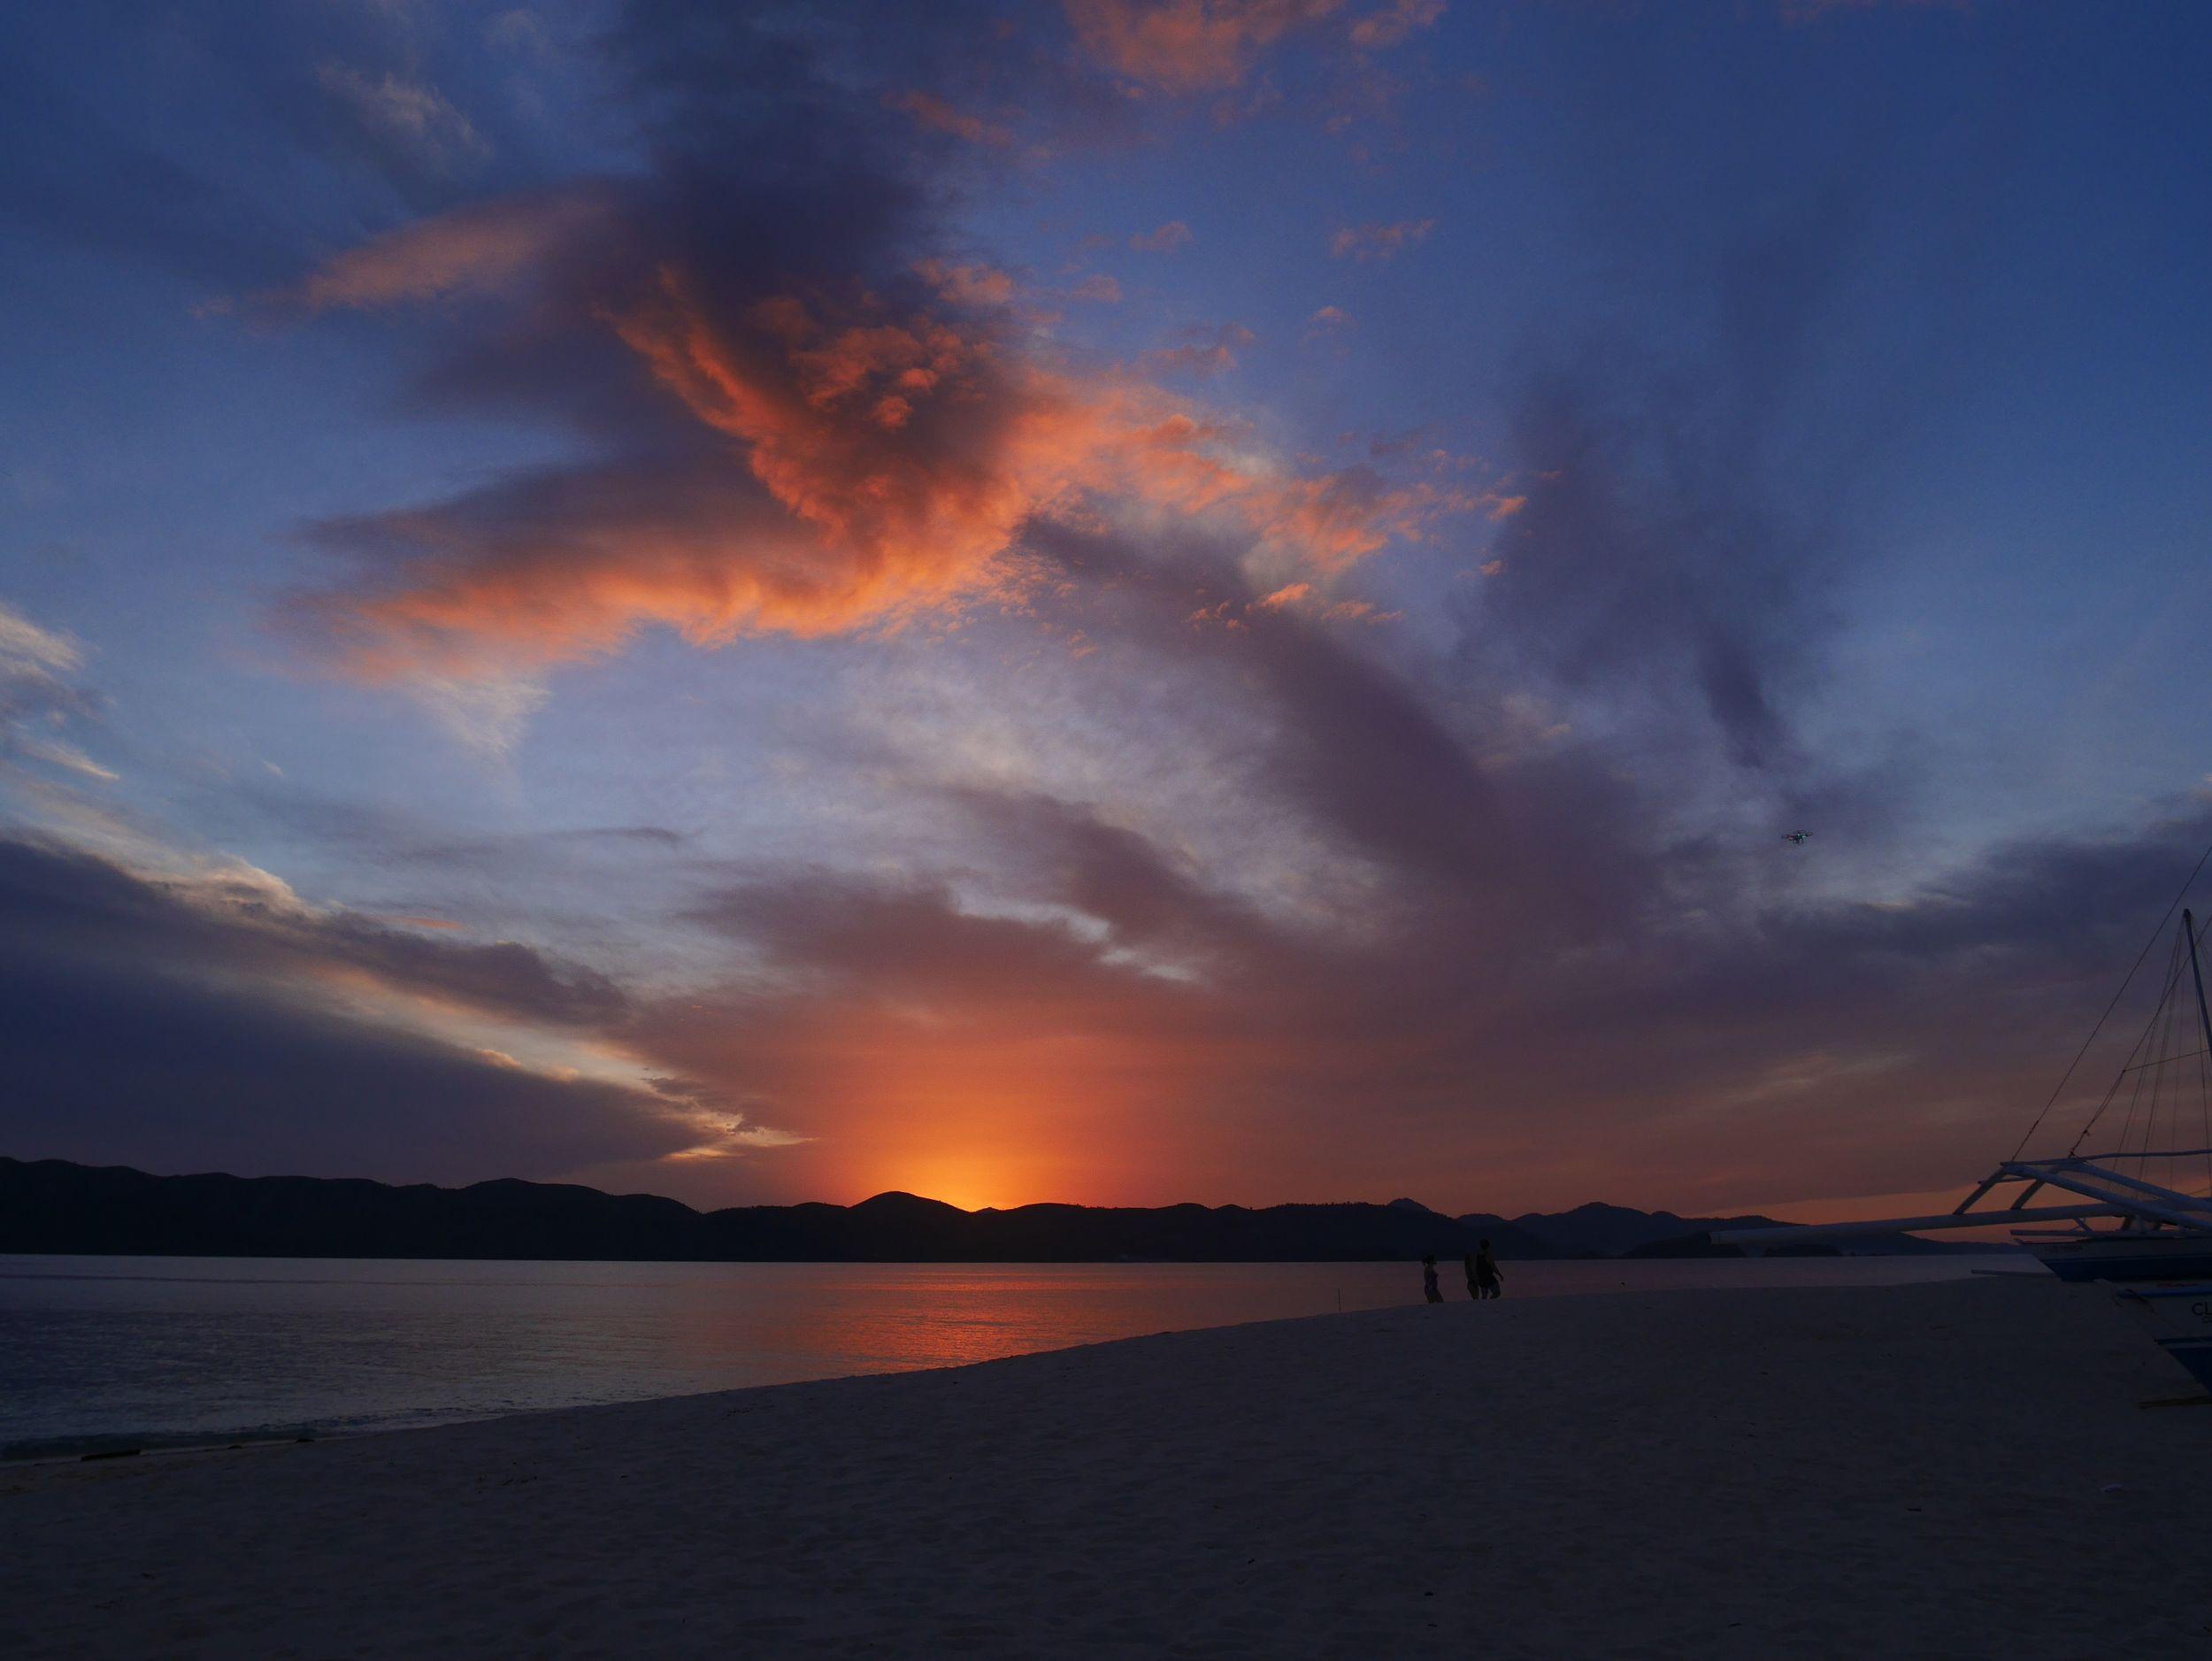 Sunset in Palawan